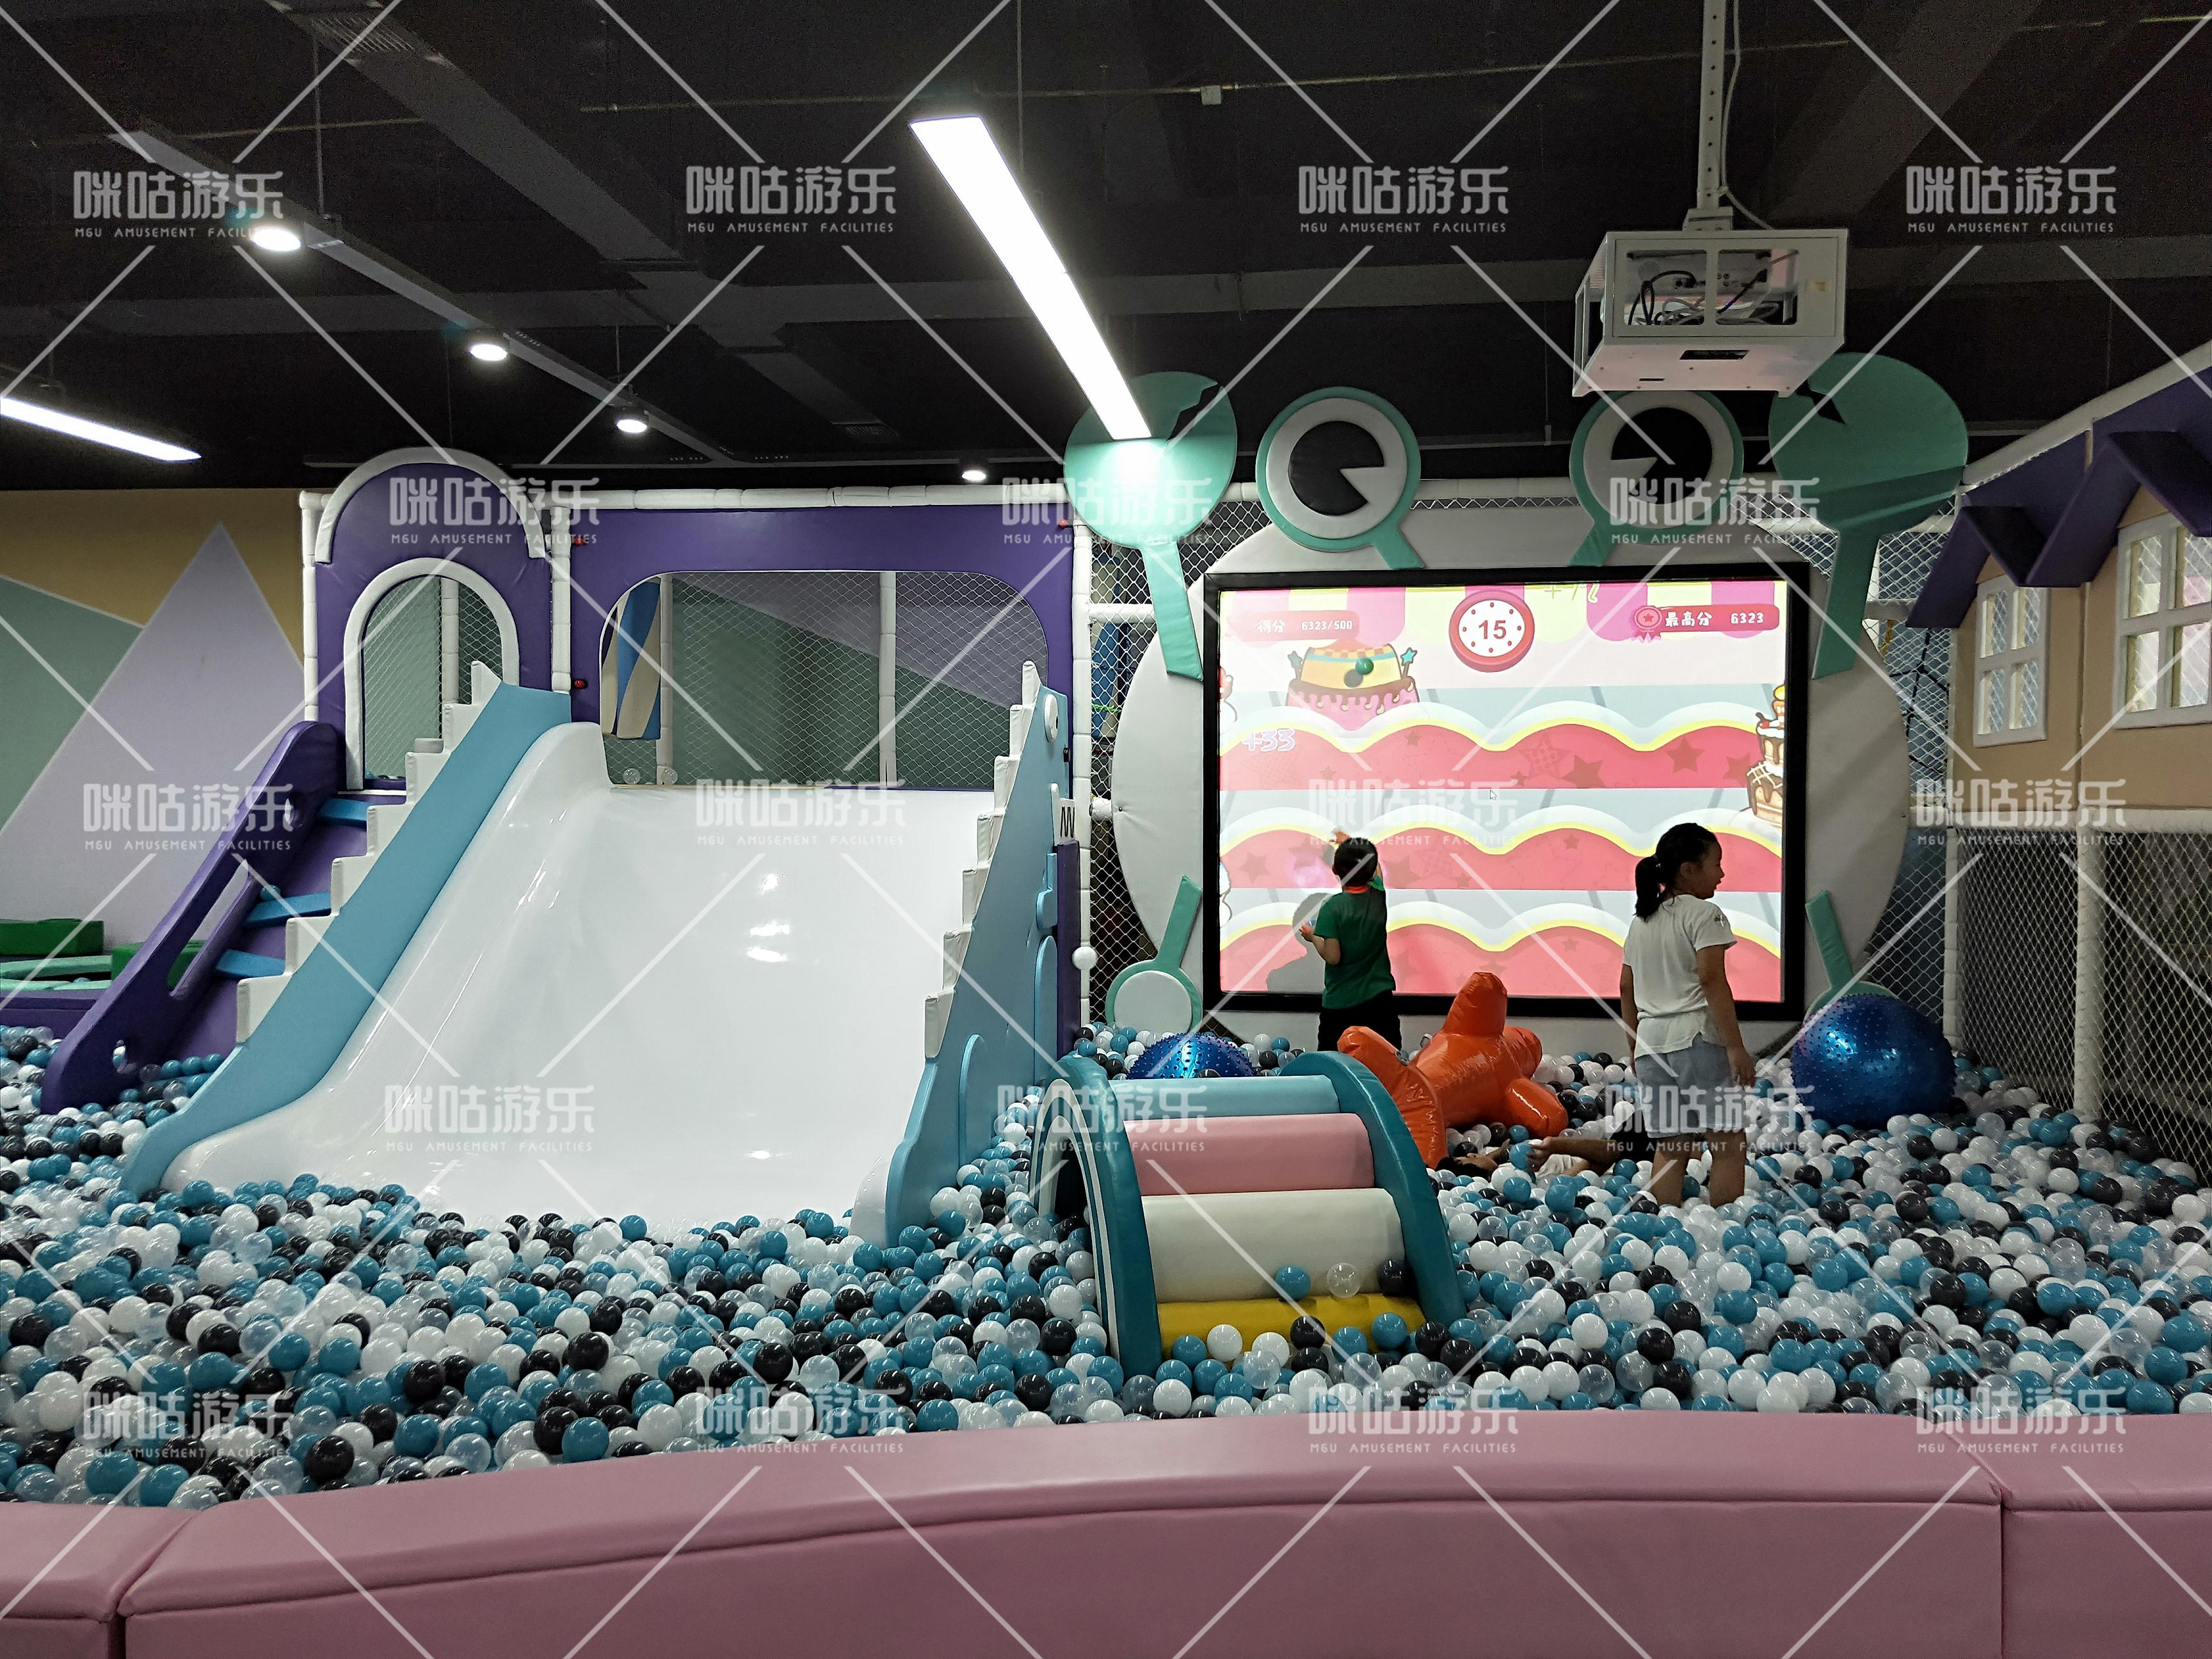 微信图片_20200429155852.jpg 张掖儿童乐园厂家有哪些 加盟资讯 游乐设备第1张